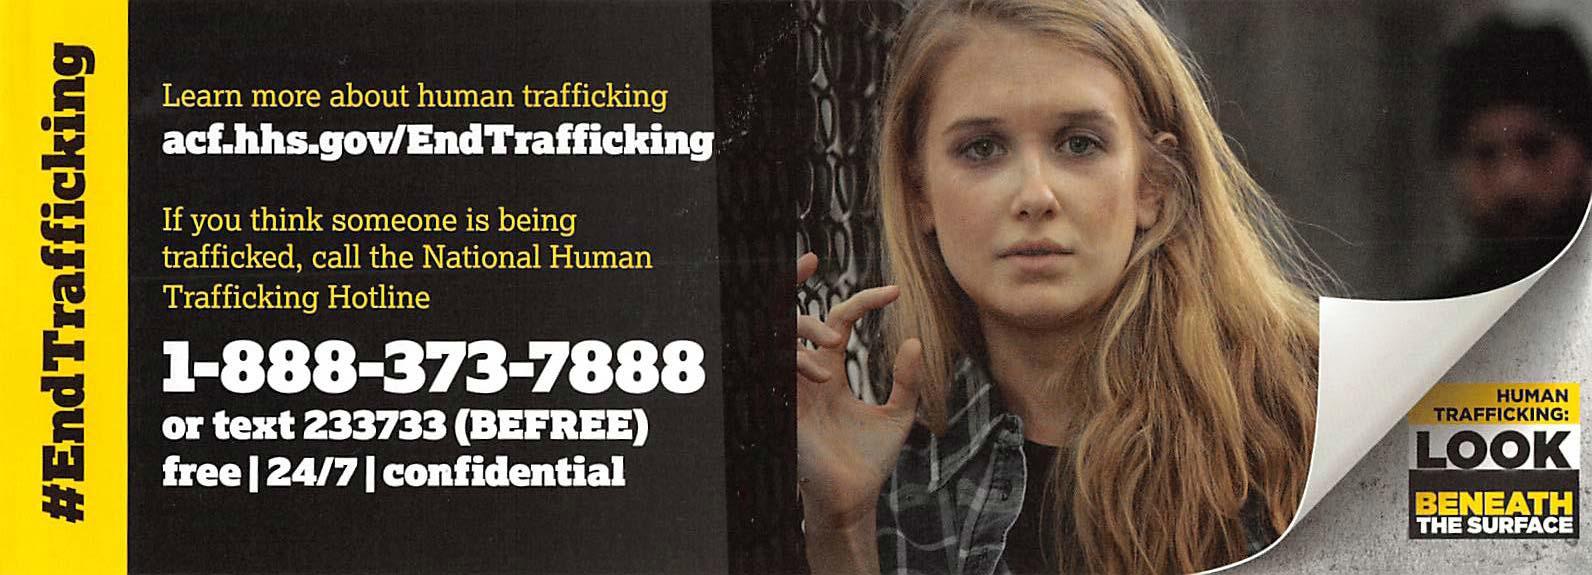 End Trafficking Hotline